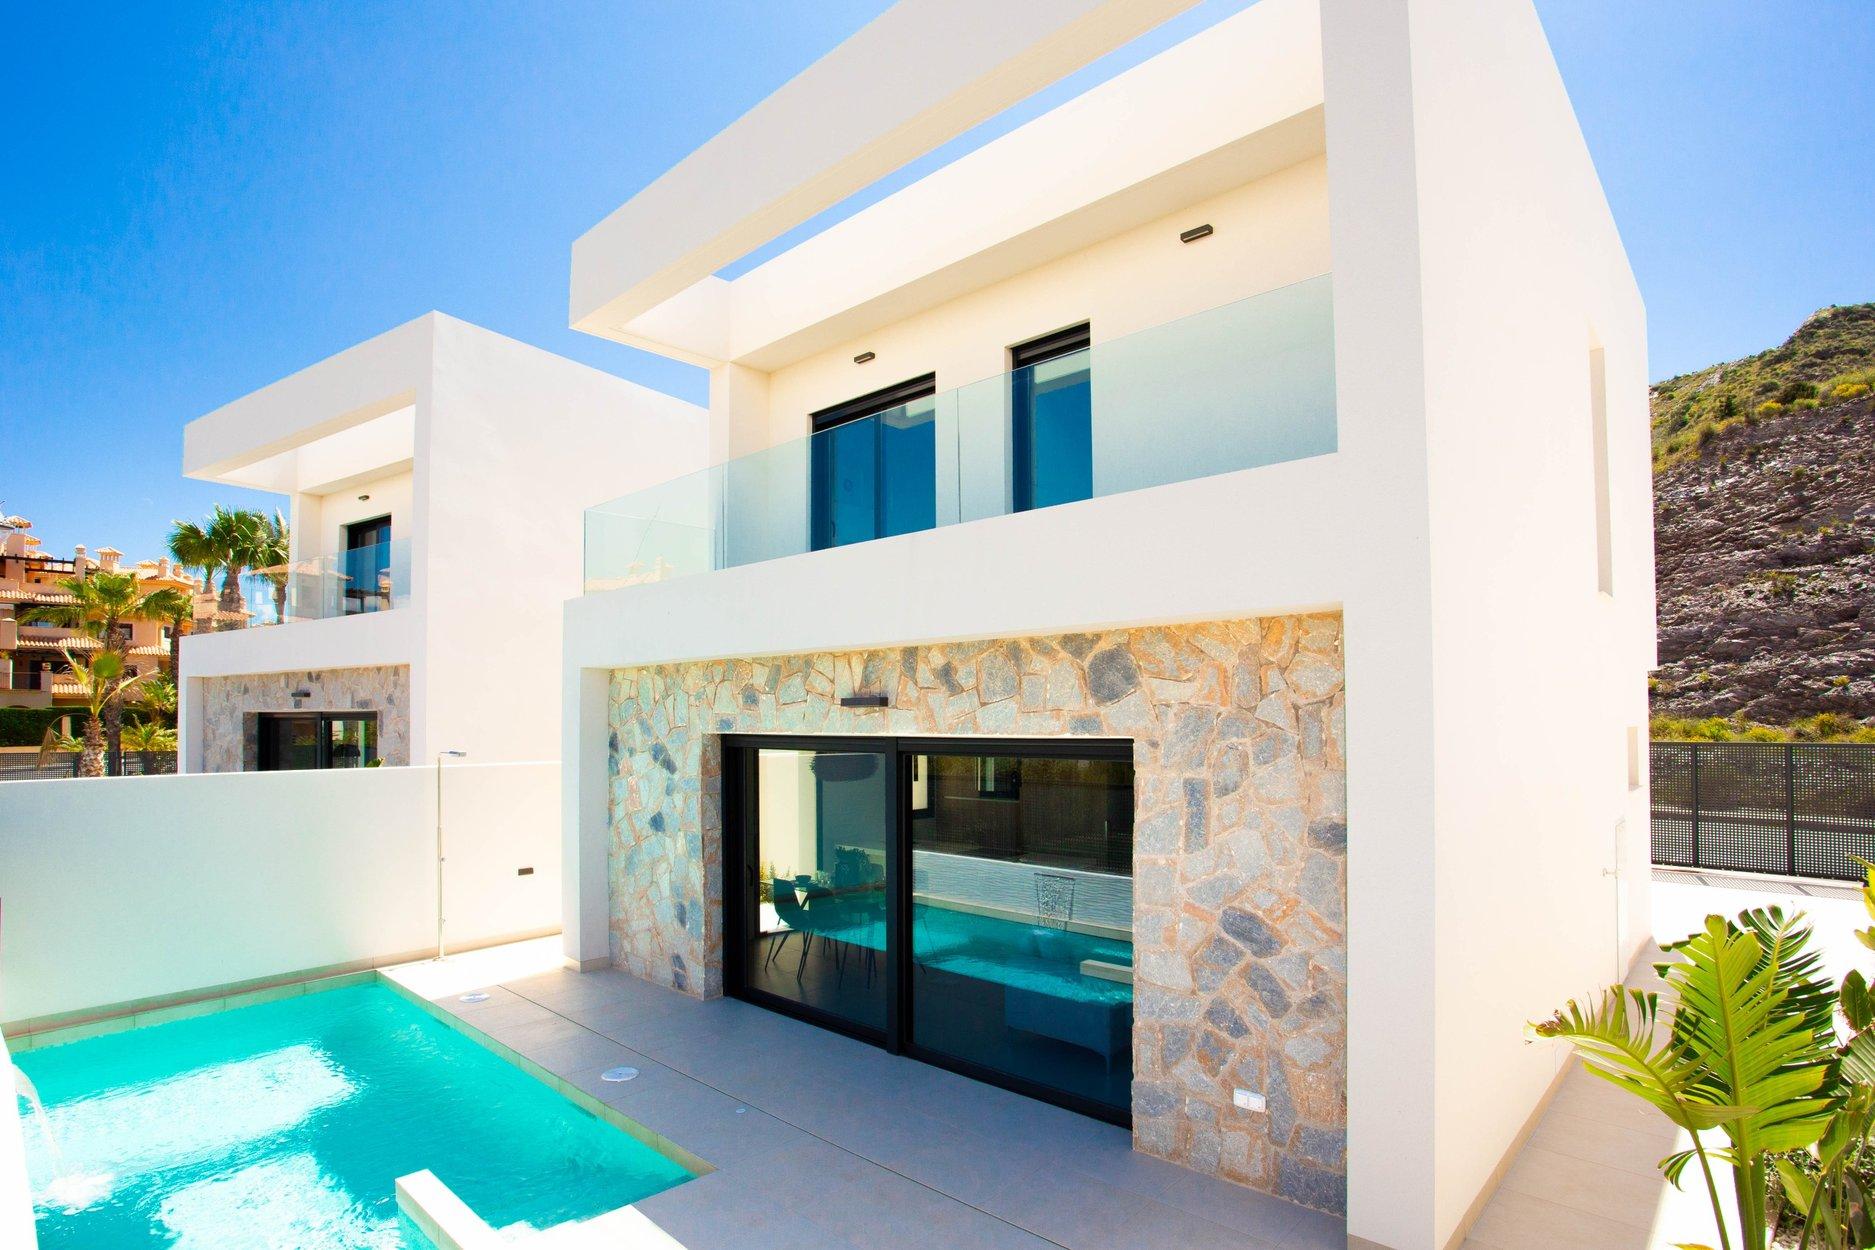 Villa for sale in Aguilas